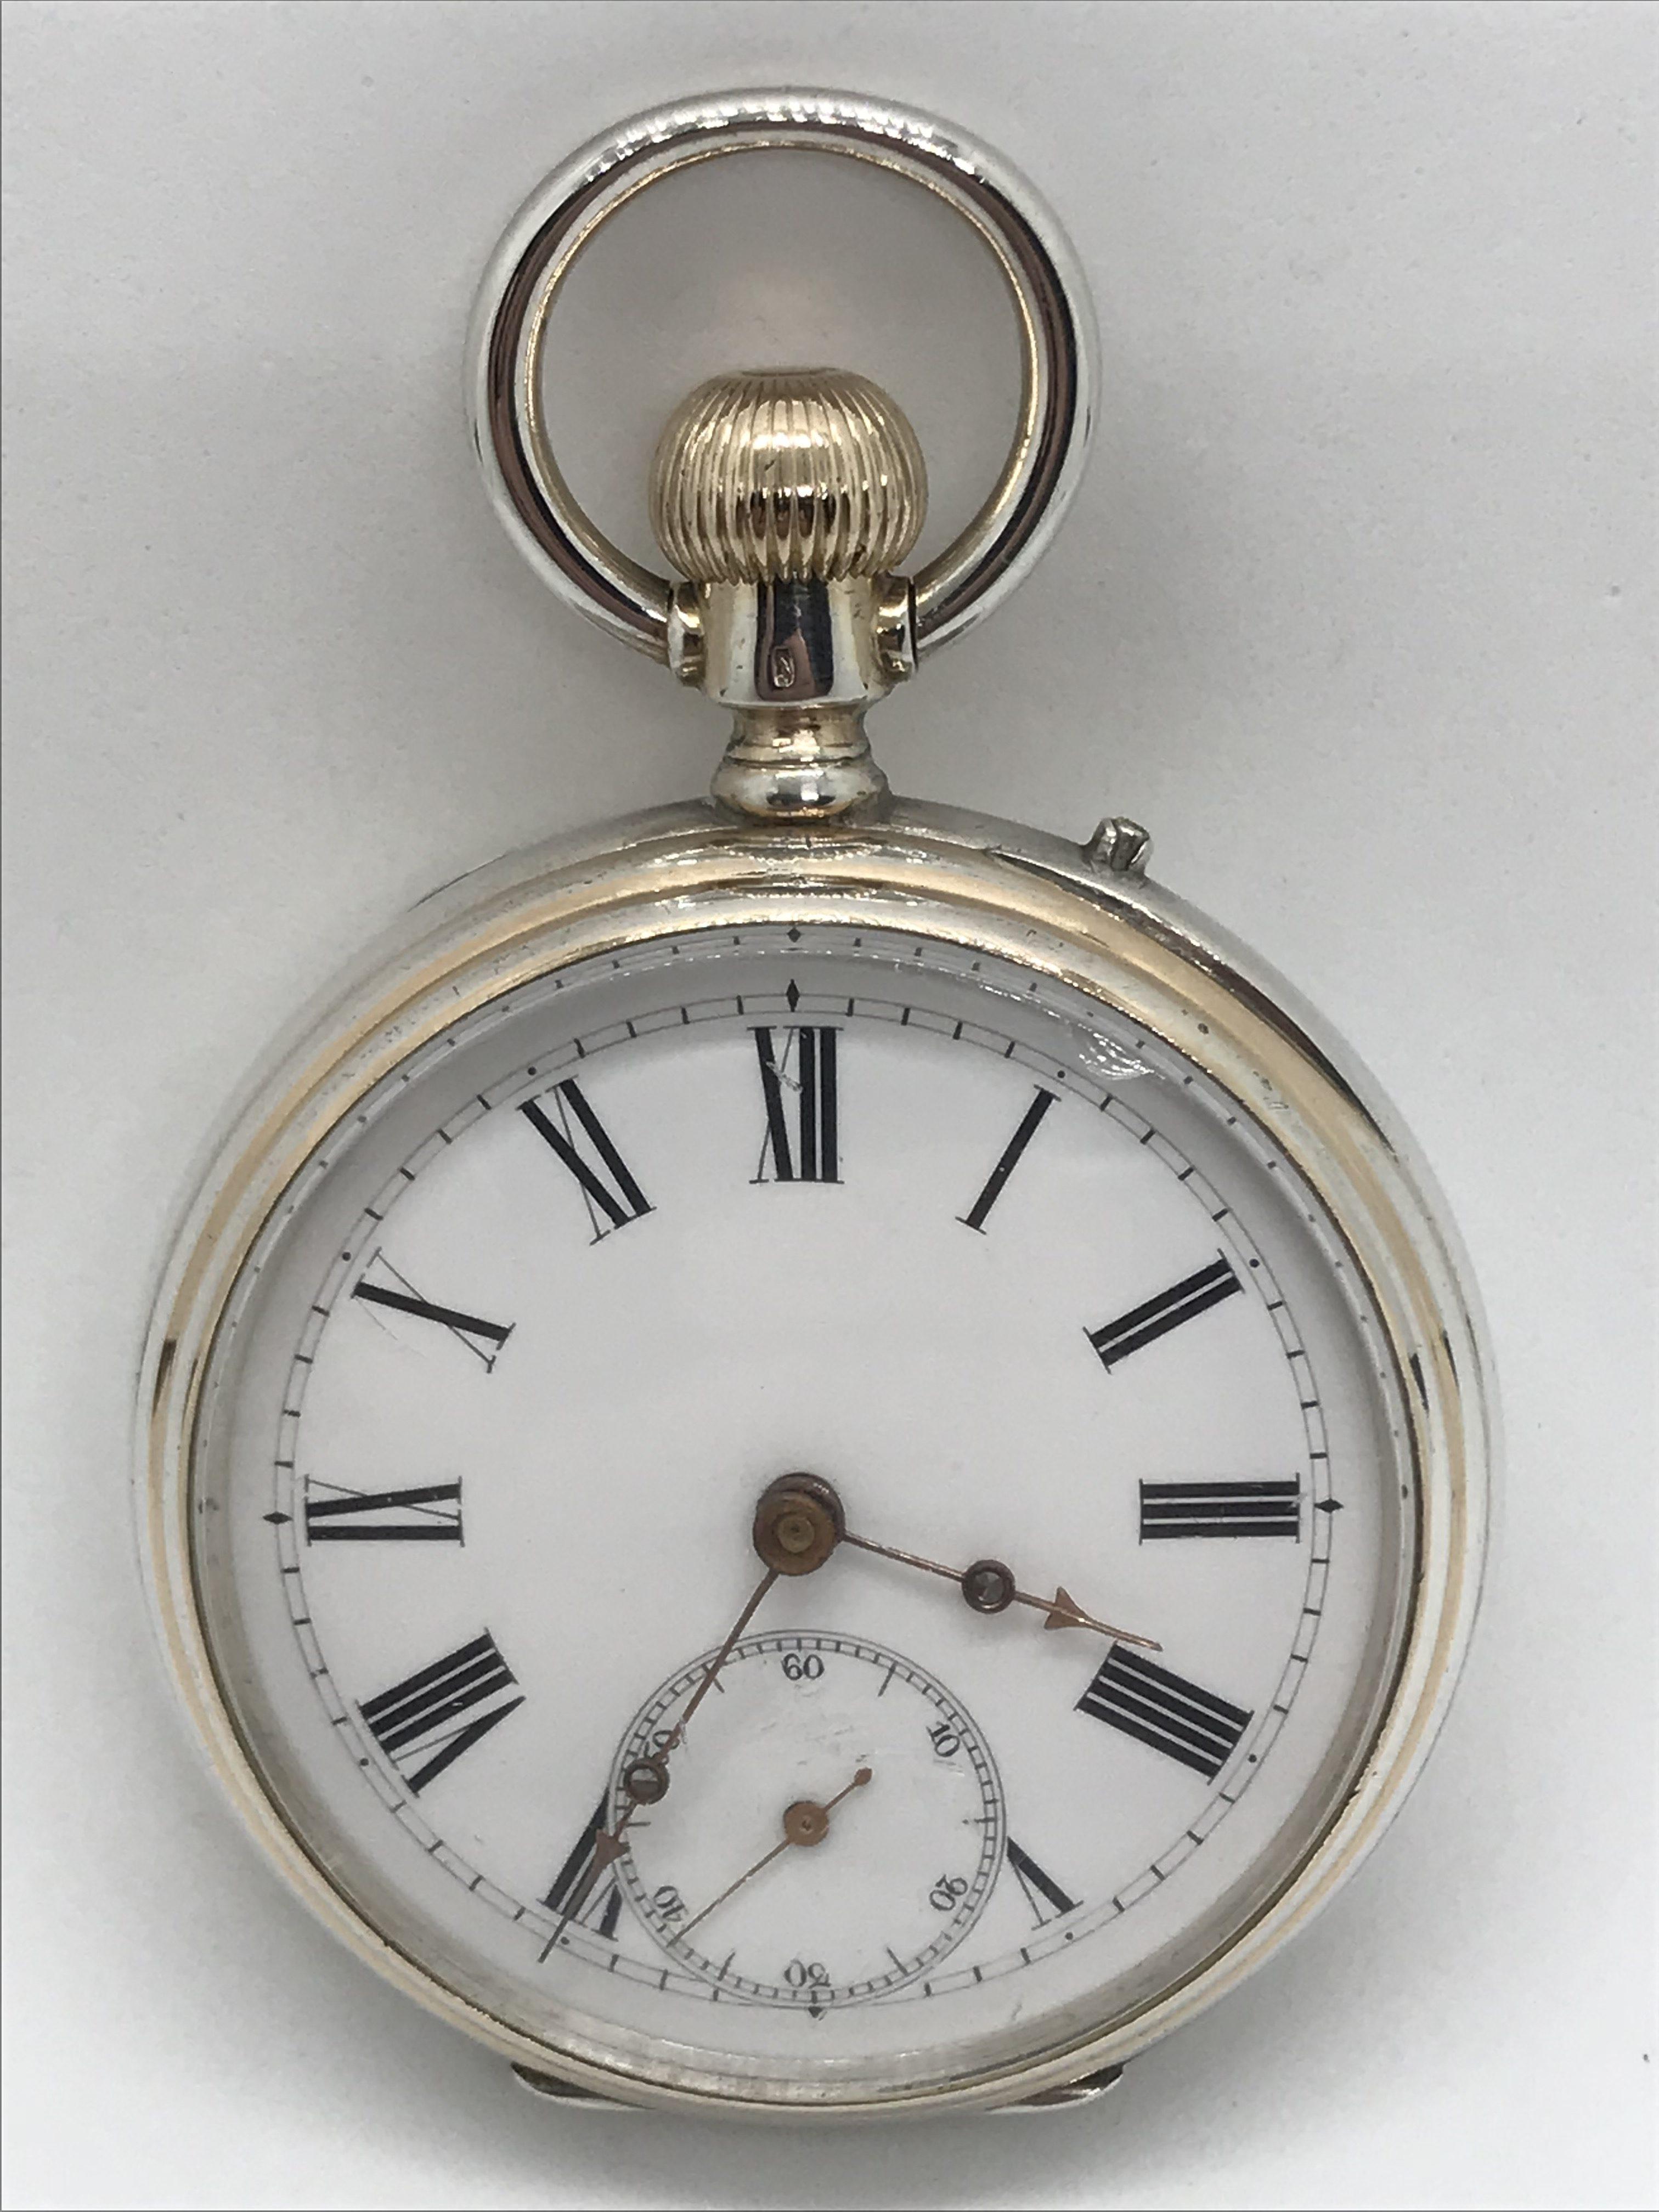 Domů Kapesní hodinky Starožitné 2 plášťové stříbrné hodinky Longines.  Previous 23fc2ca258